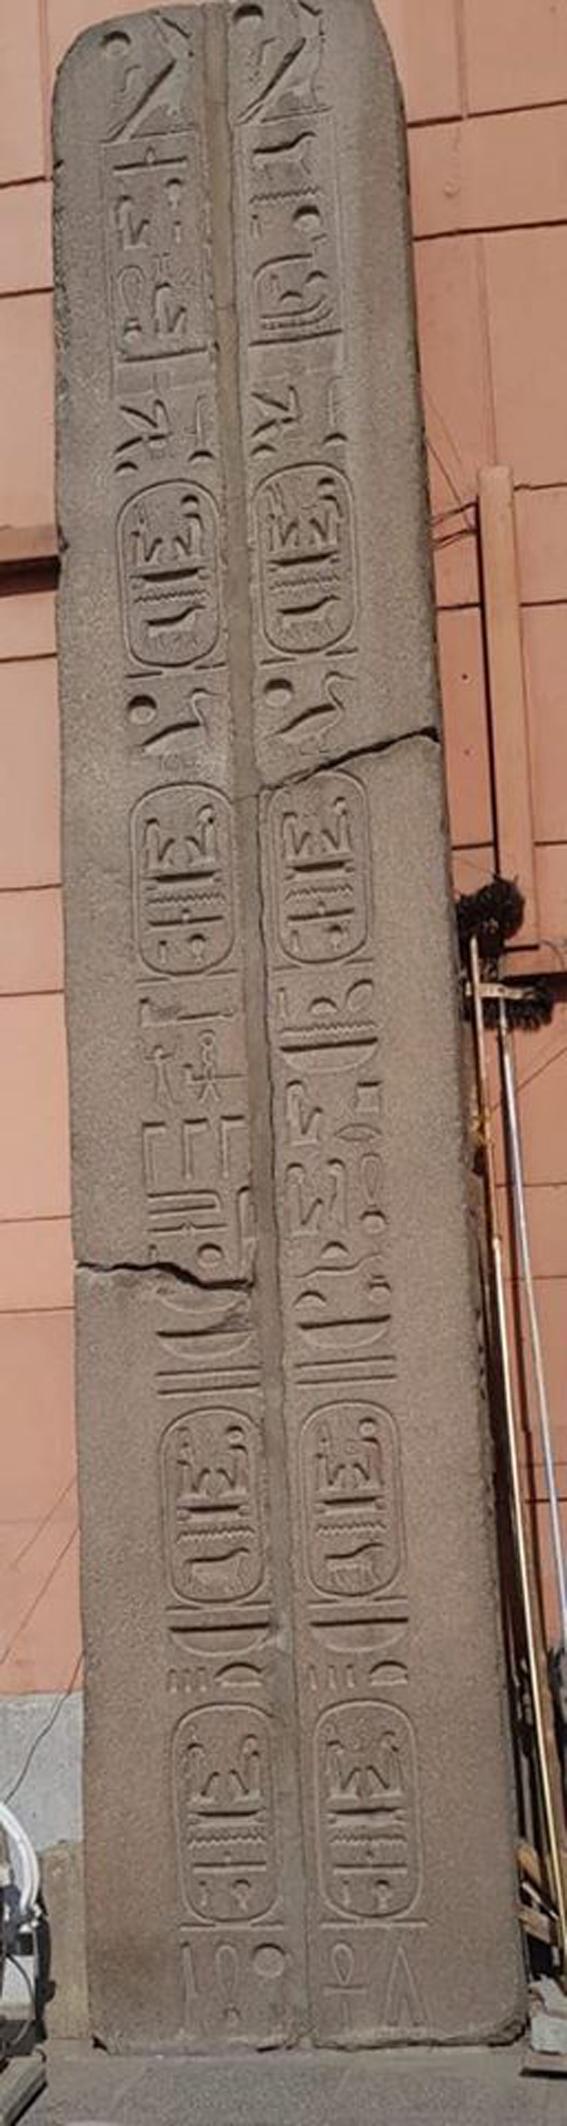 المتحف المصري الكبير بميدان الرماية يستقبل ٣٠٩ قطعة أثرية